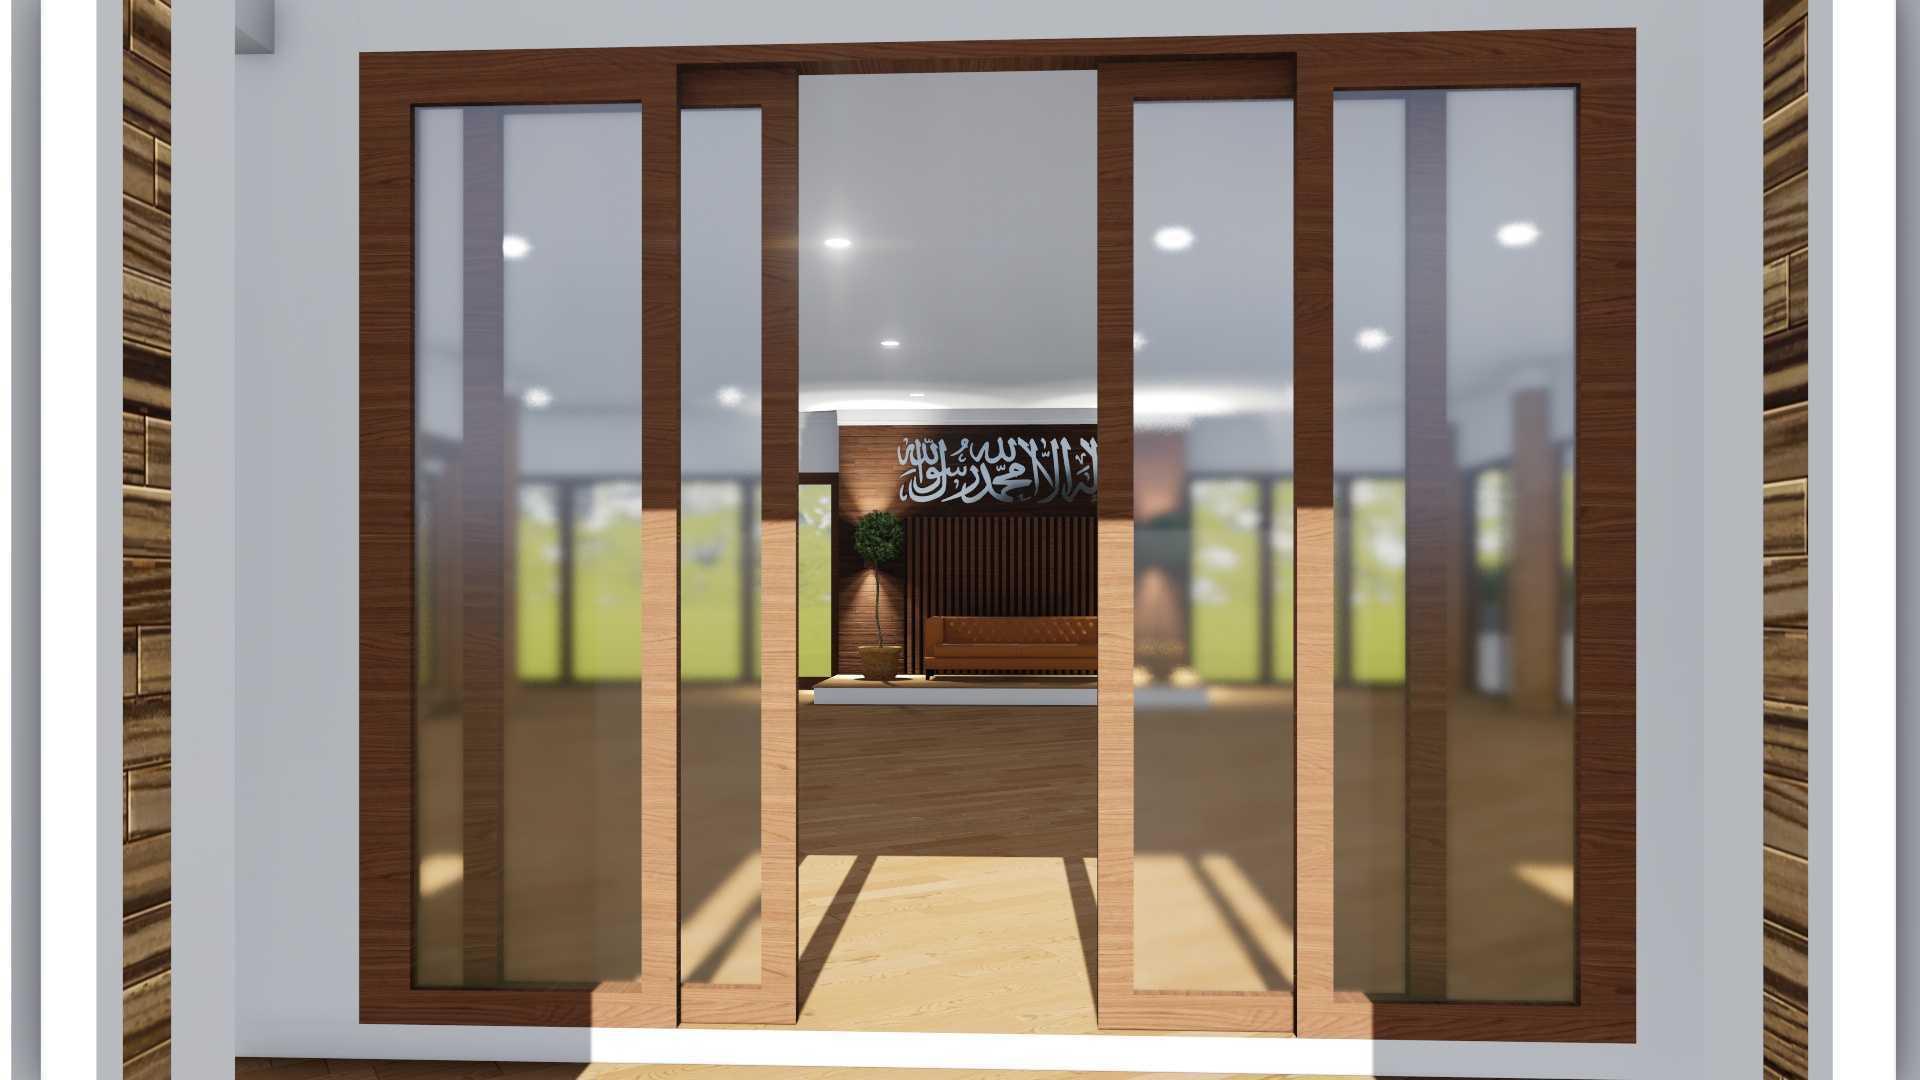 Mannor Architect Balai Pertemuan Megamendung Bogor, Jawa Barat, Indonesia Bogor, Jawa Barat, Indonesia Side View   40420